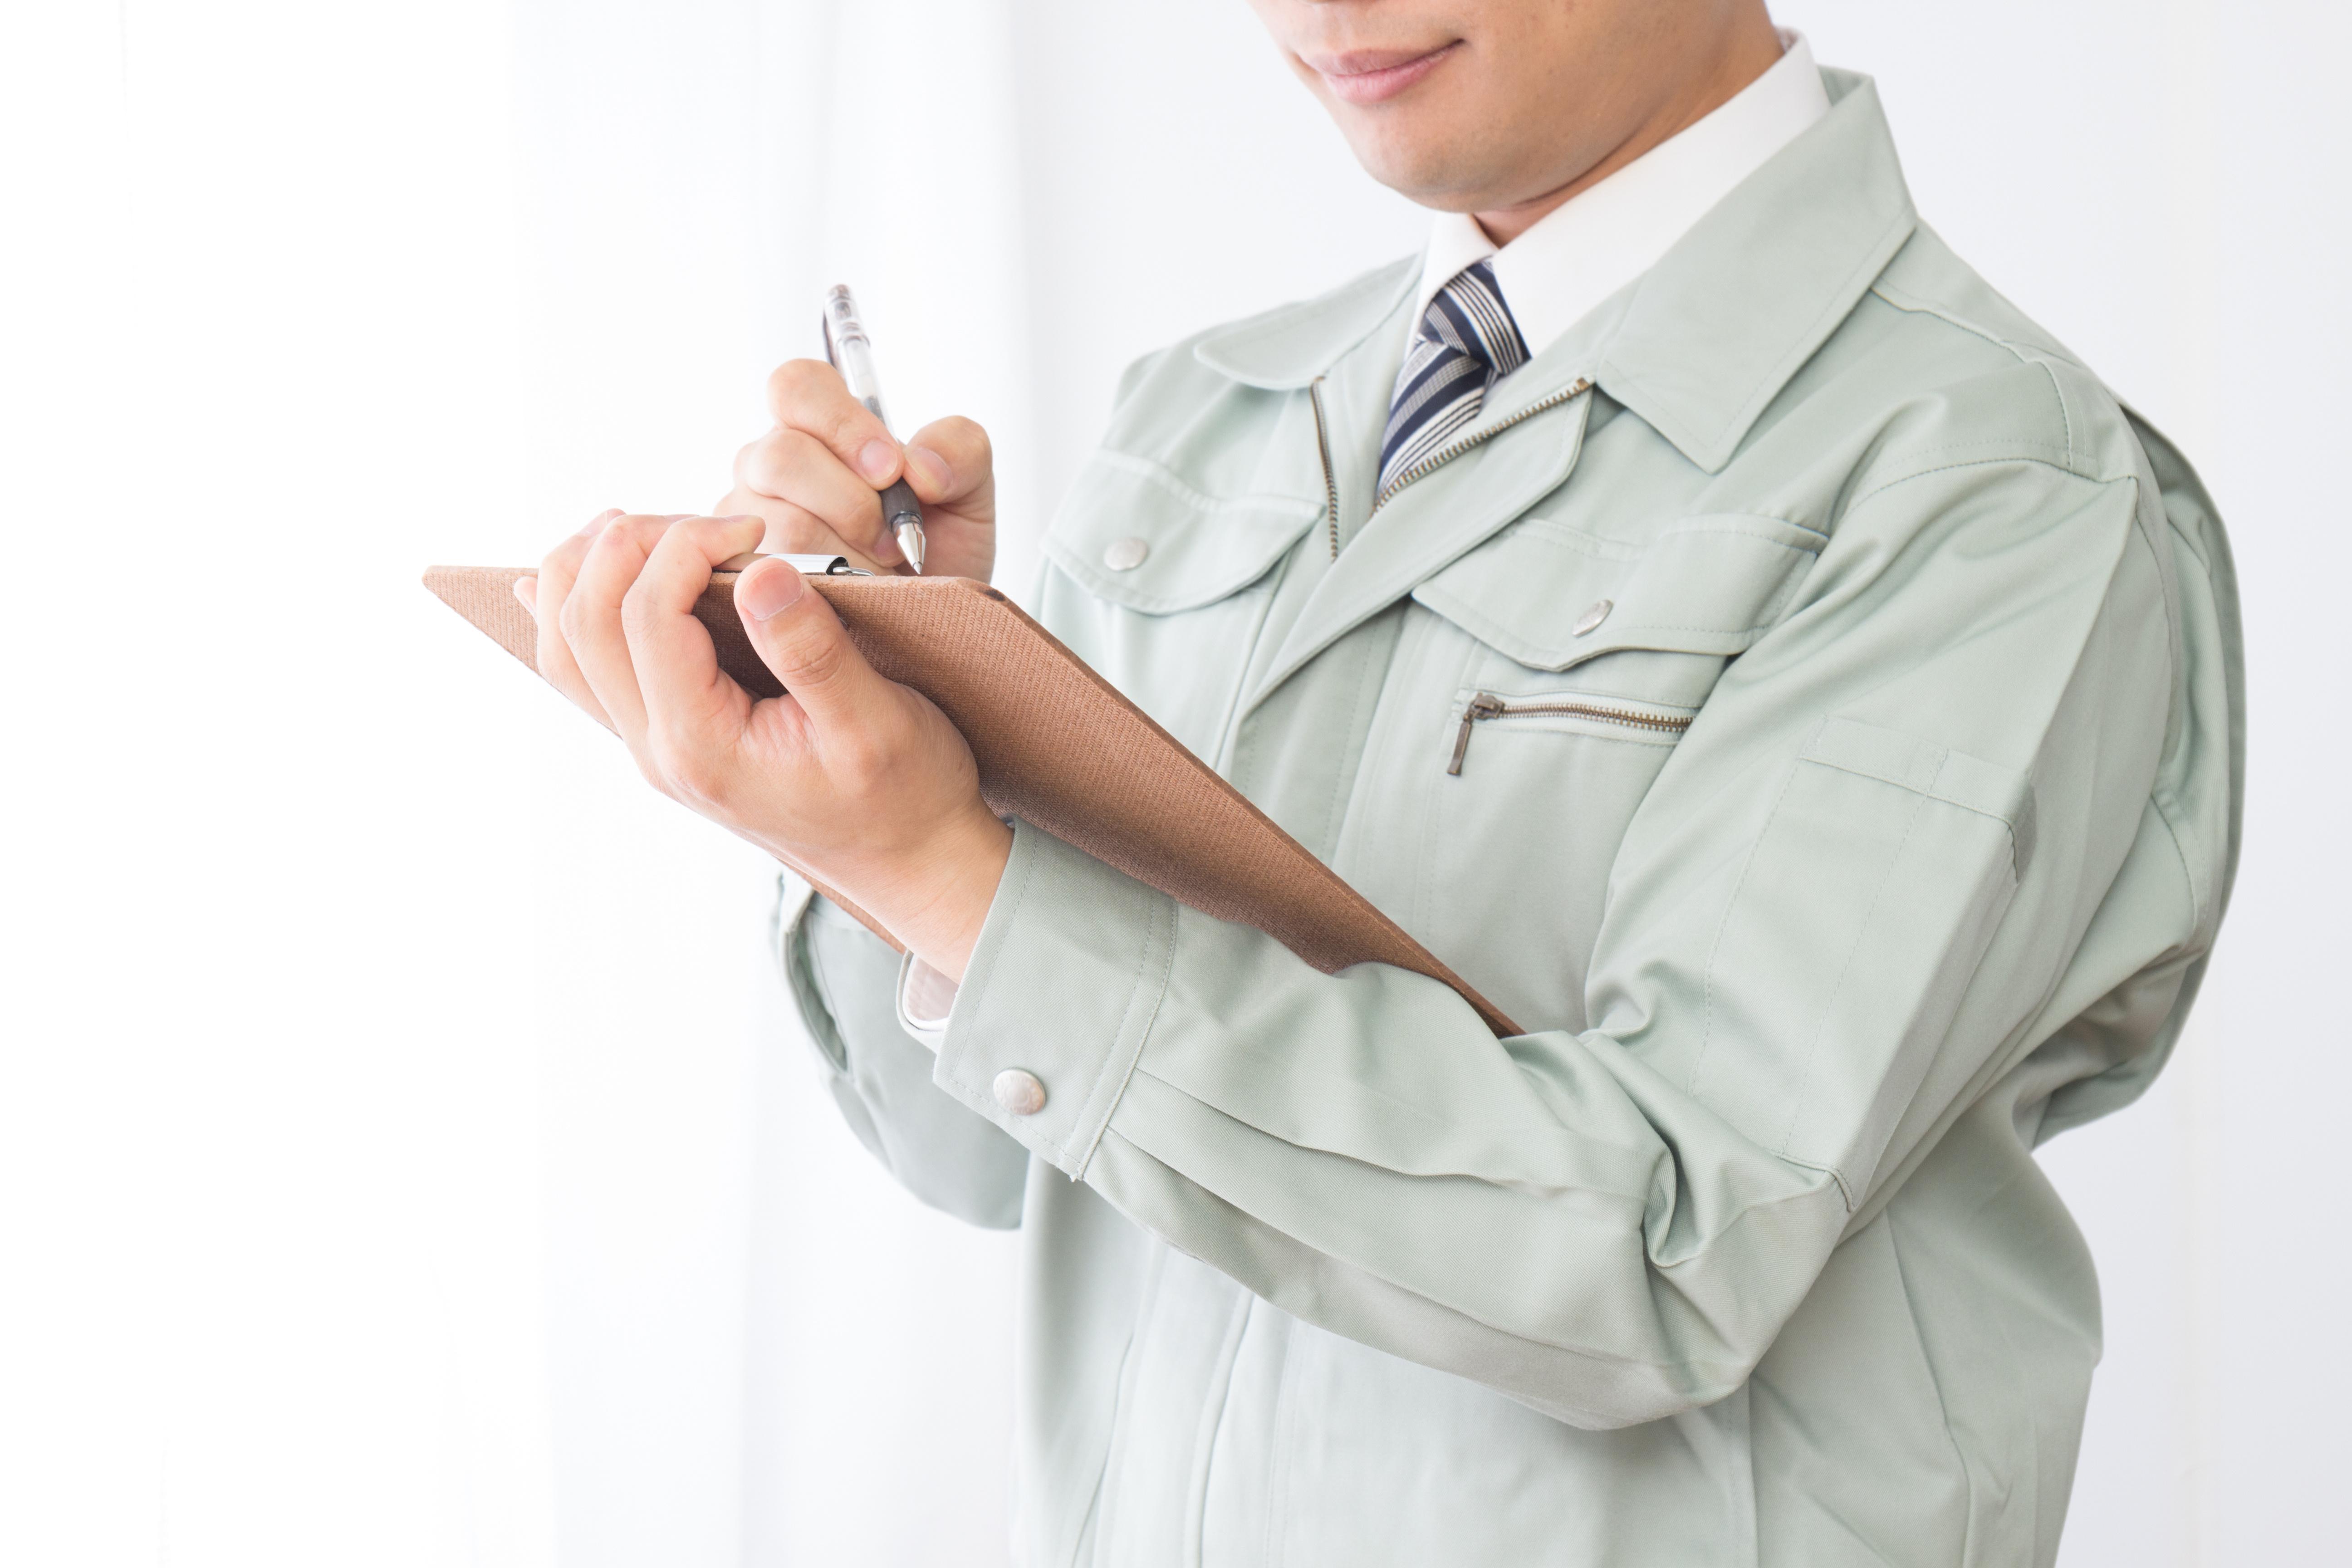 高い施工品質を実現する外壁塗装業者の特徴